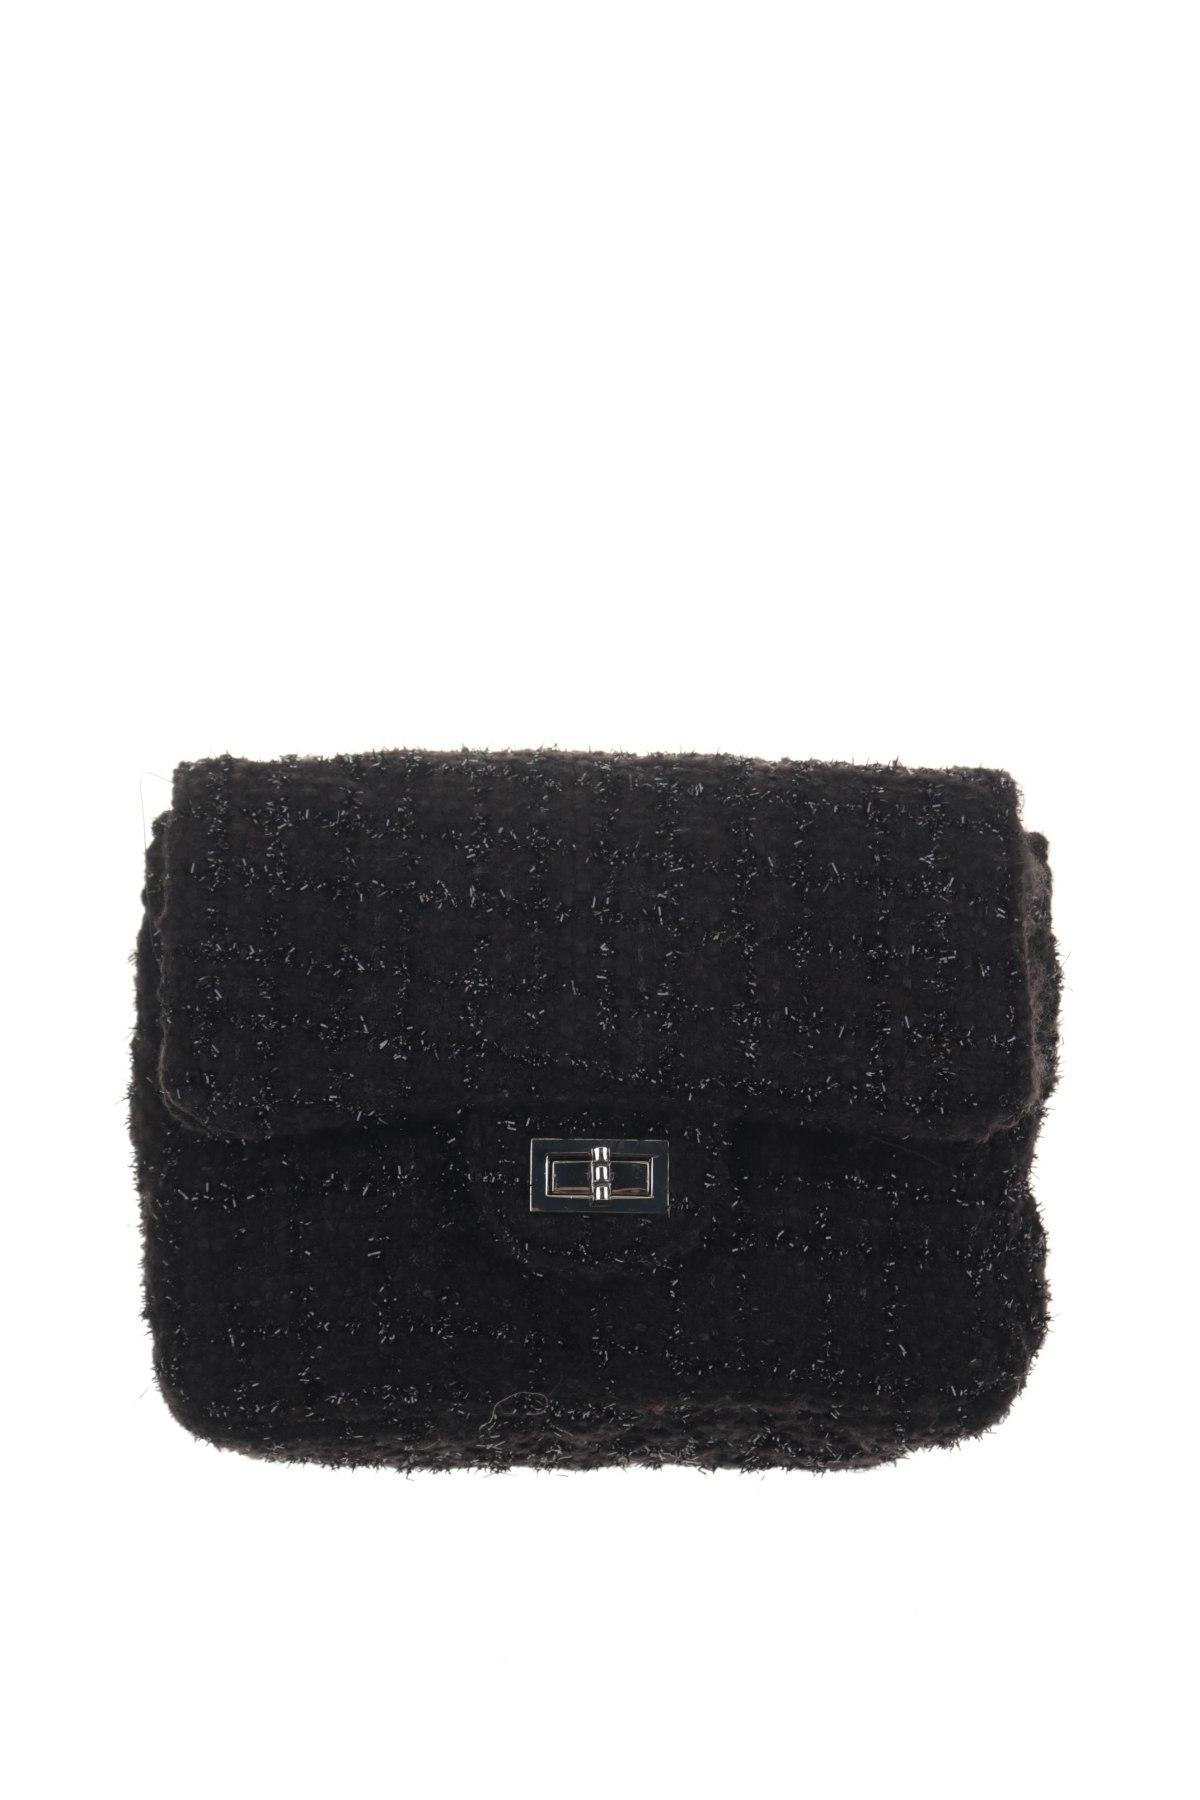 Дамска чанта Reserved, Цвят Черен, Текстил, Цена 26,95лв.